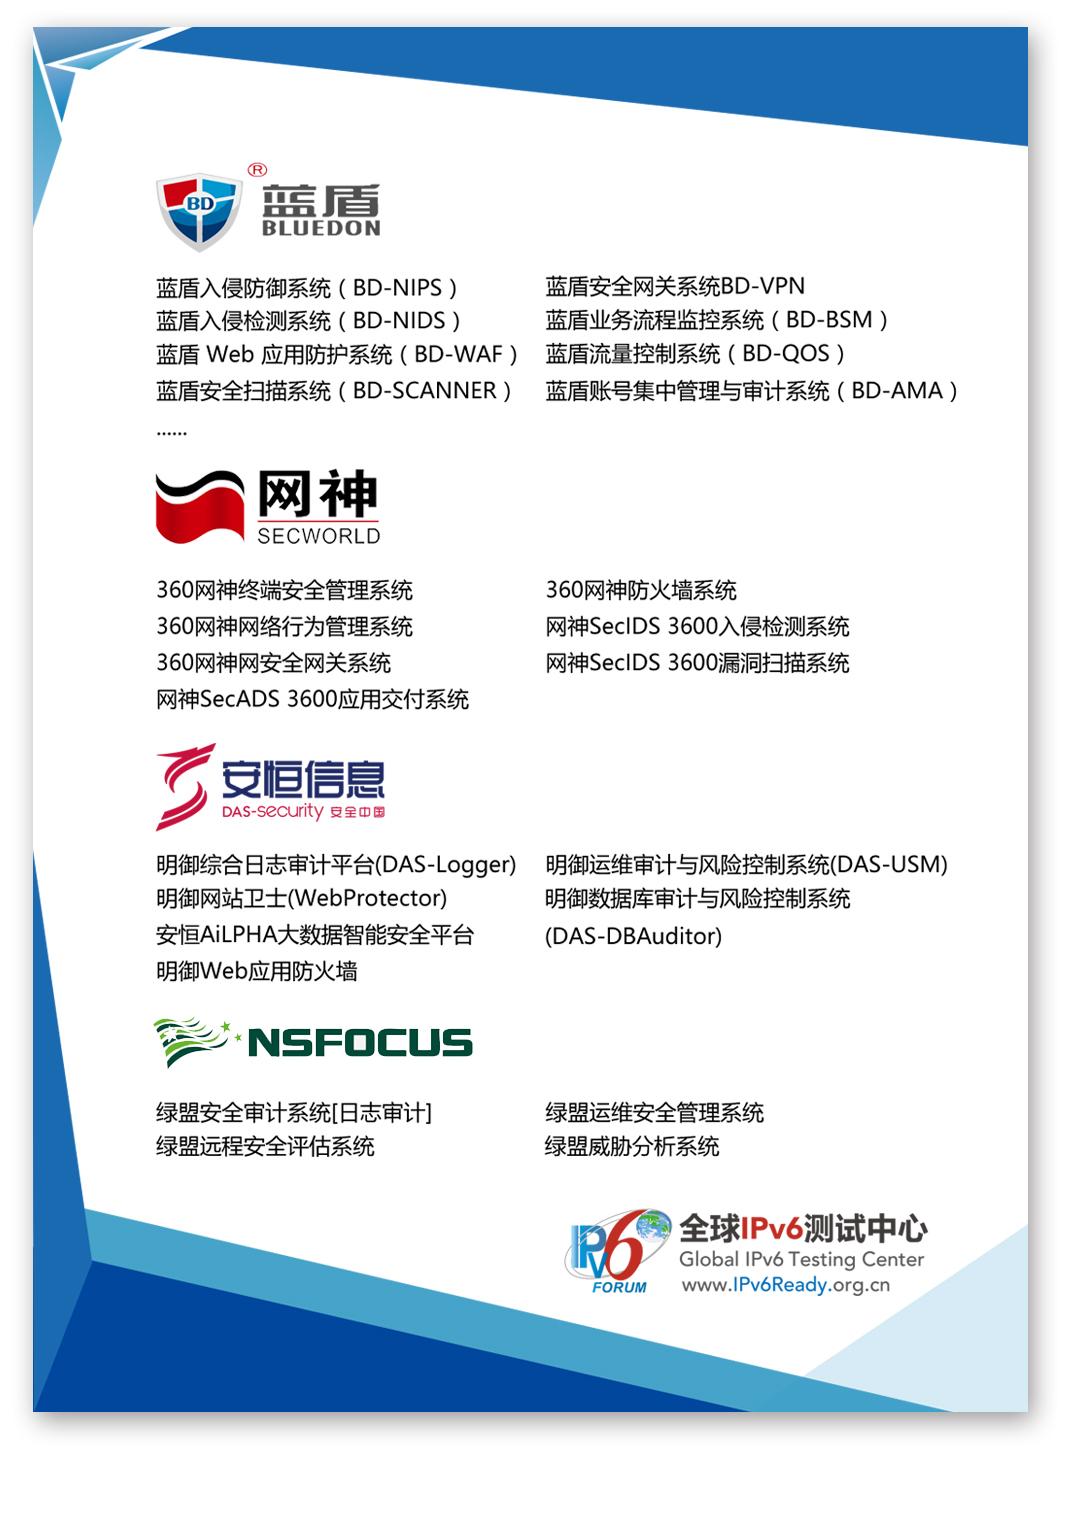 安全设备IPv6 Ready认证呈爆发增长 蓝盾领跑排行榜